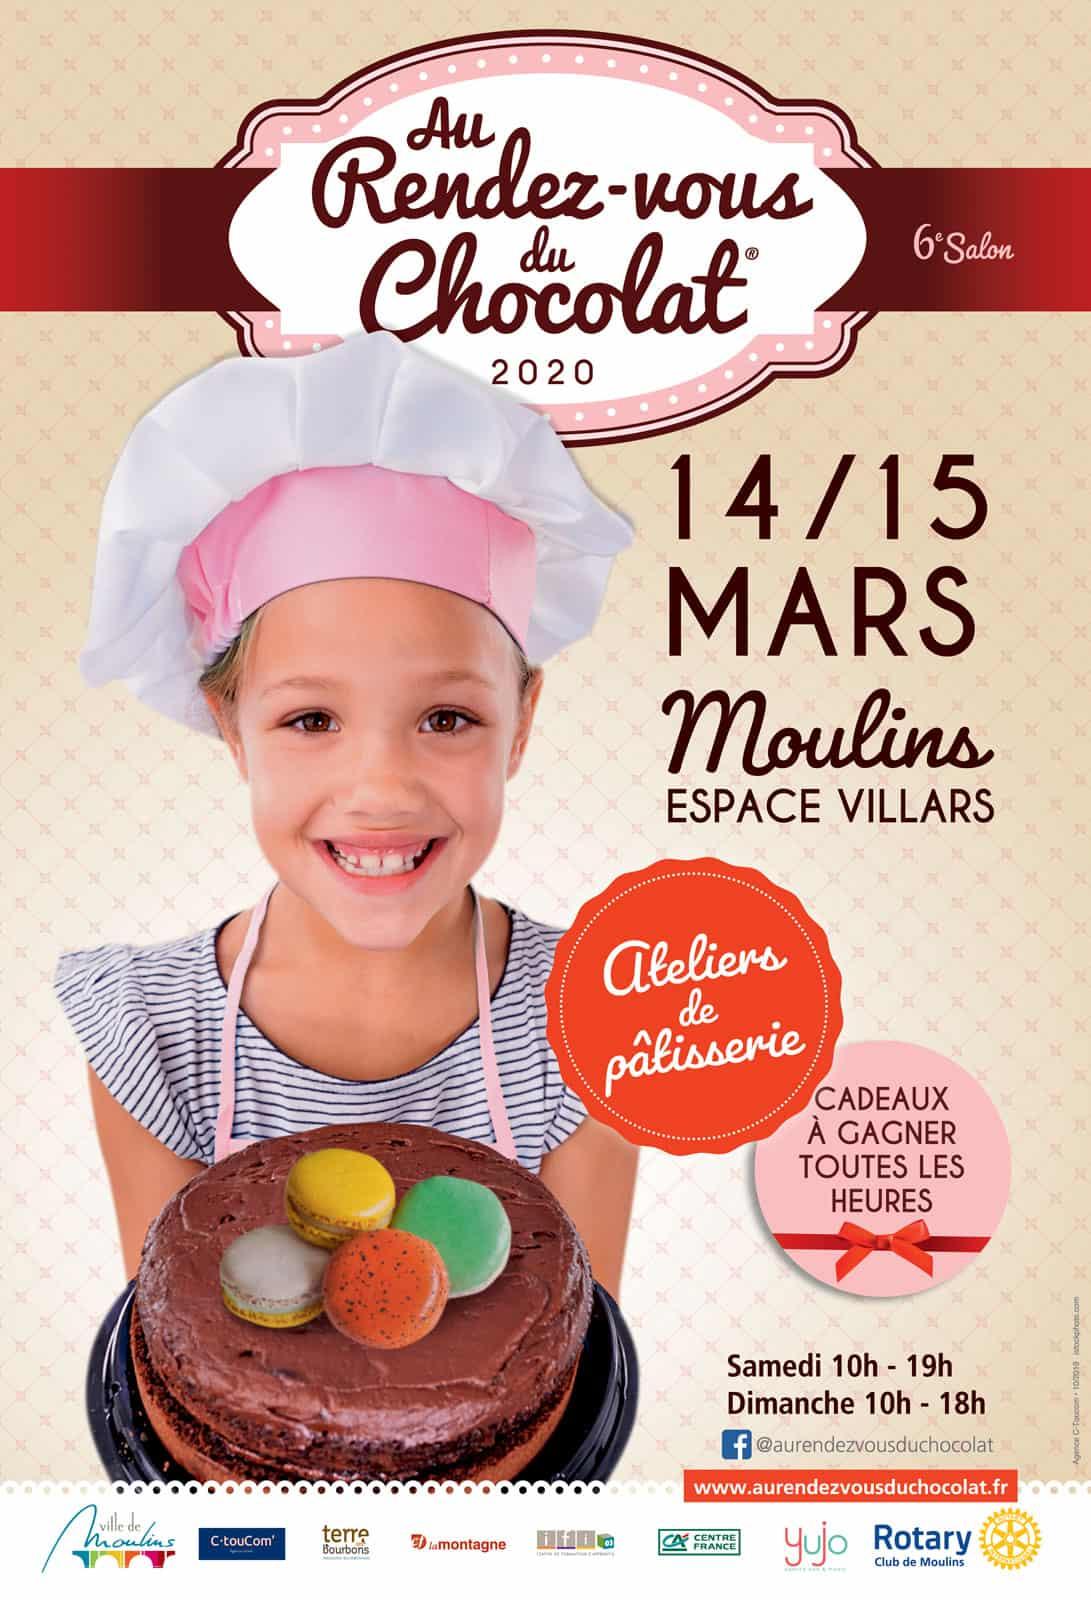 Au Rendez-vous du Chocolat 2020